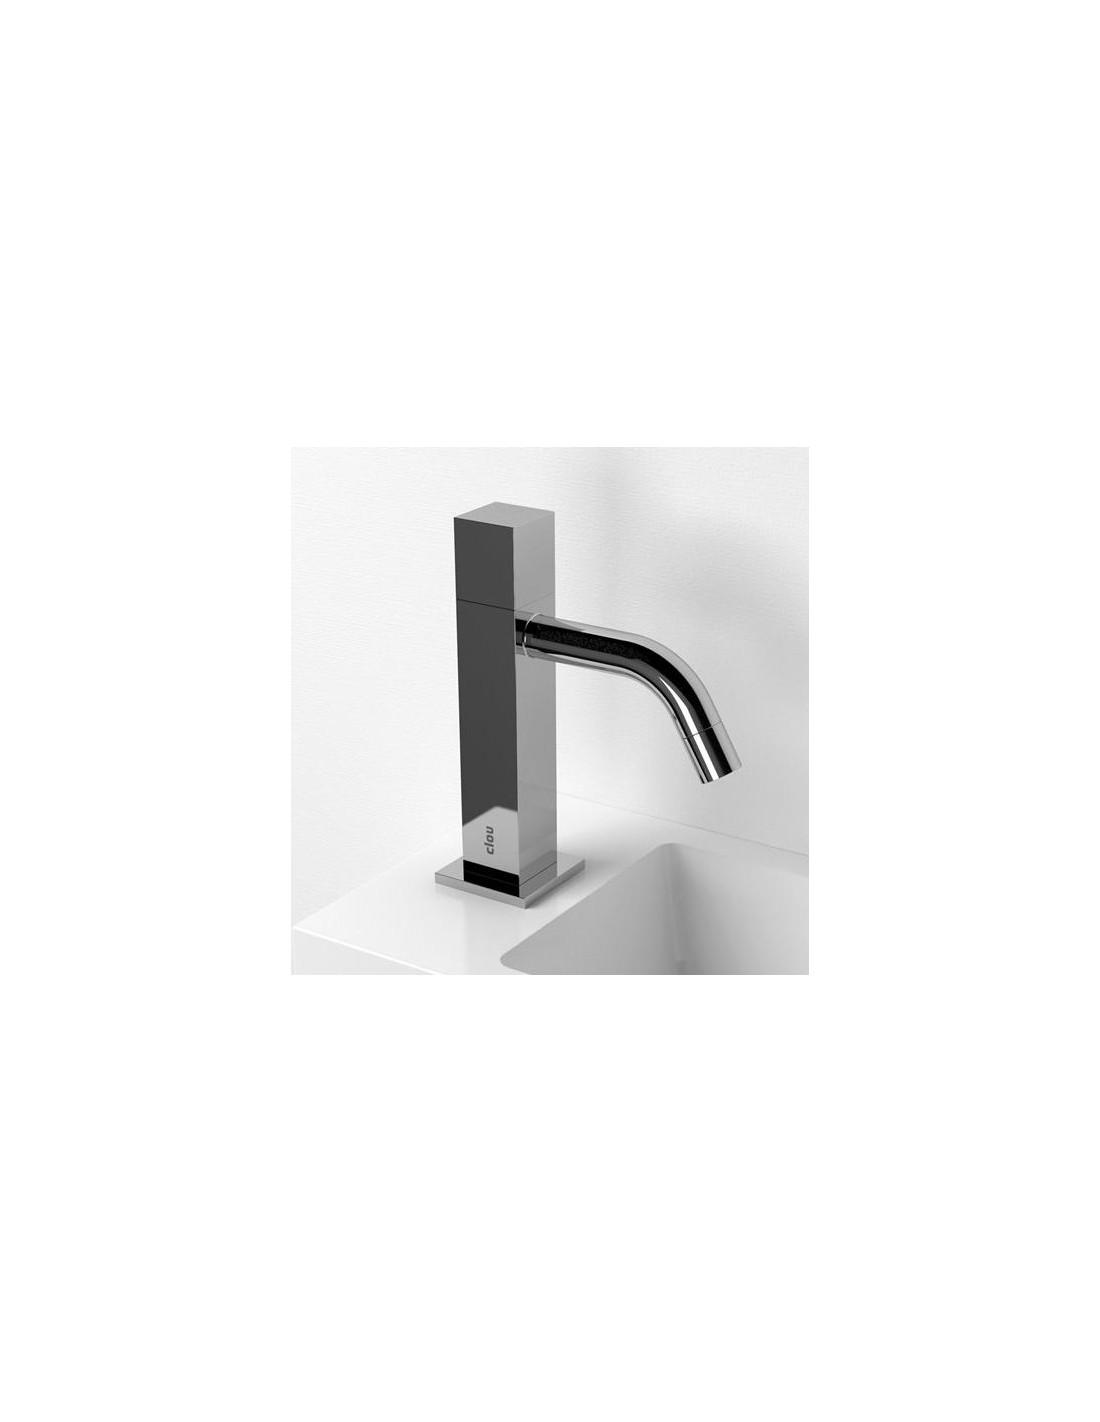 robinet eau froide freddo 5. Black Bedroom Furniture Sets. Home Design Ideas